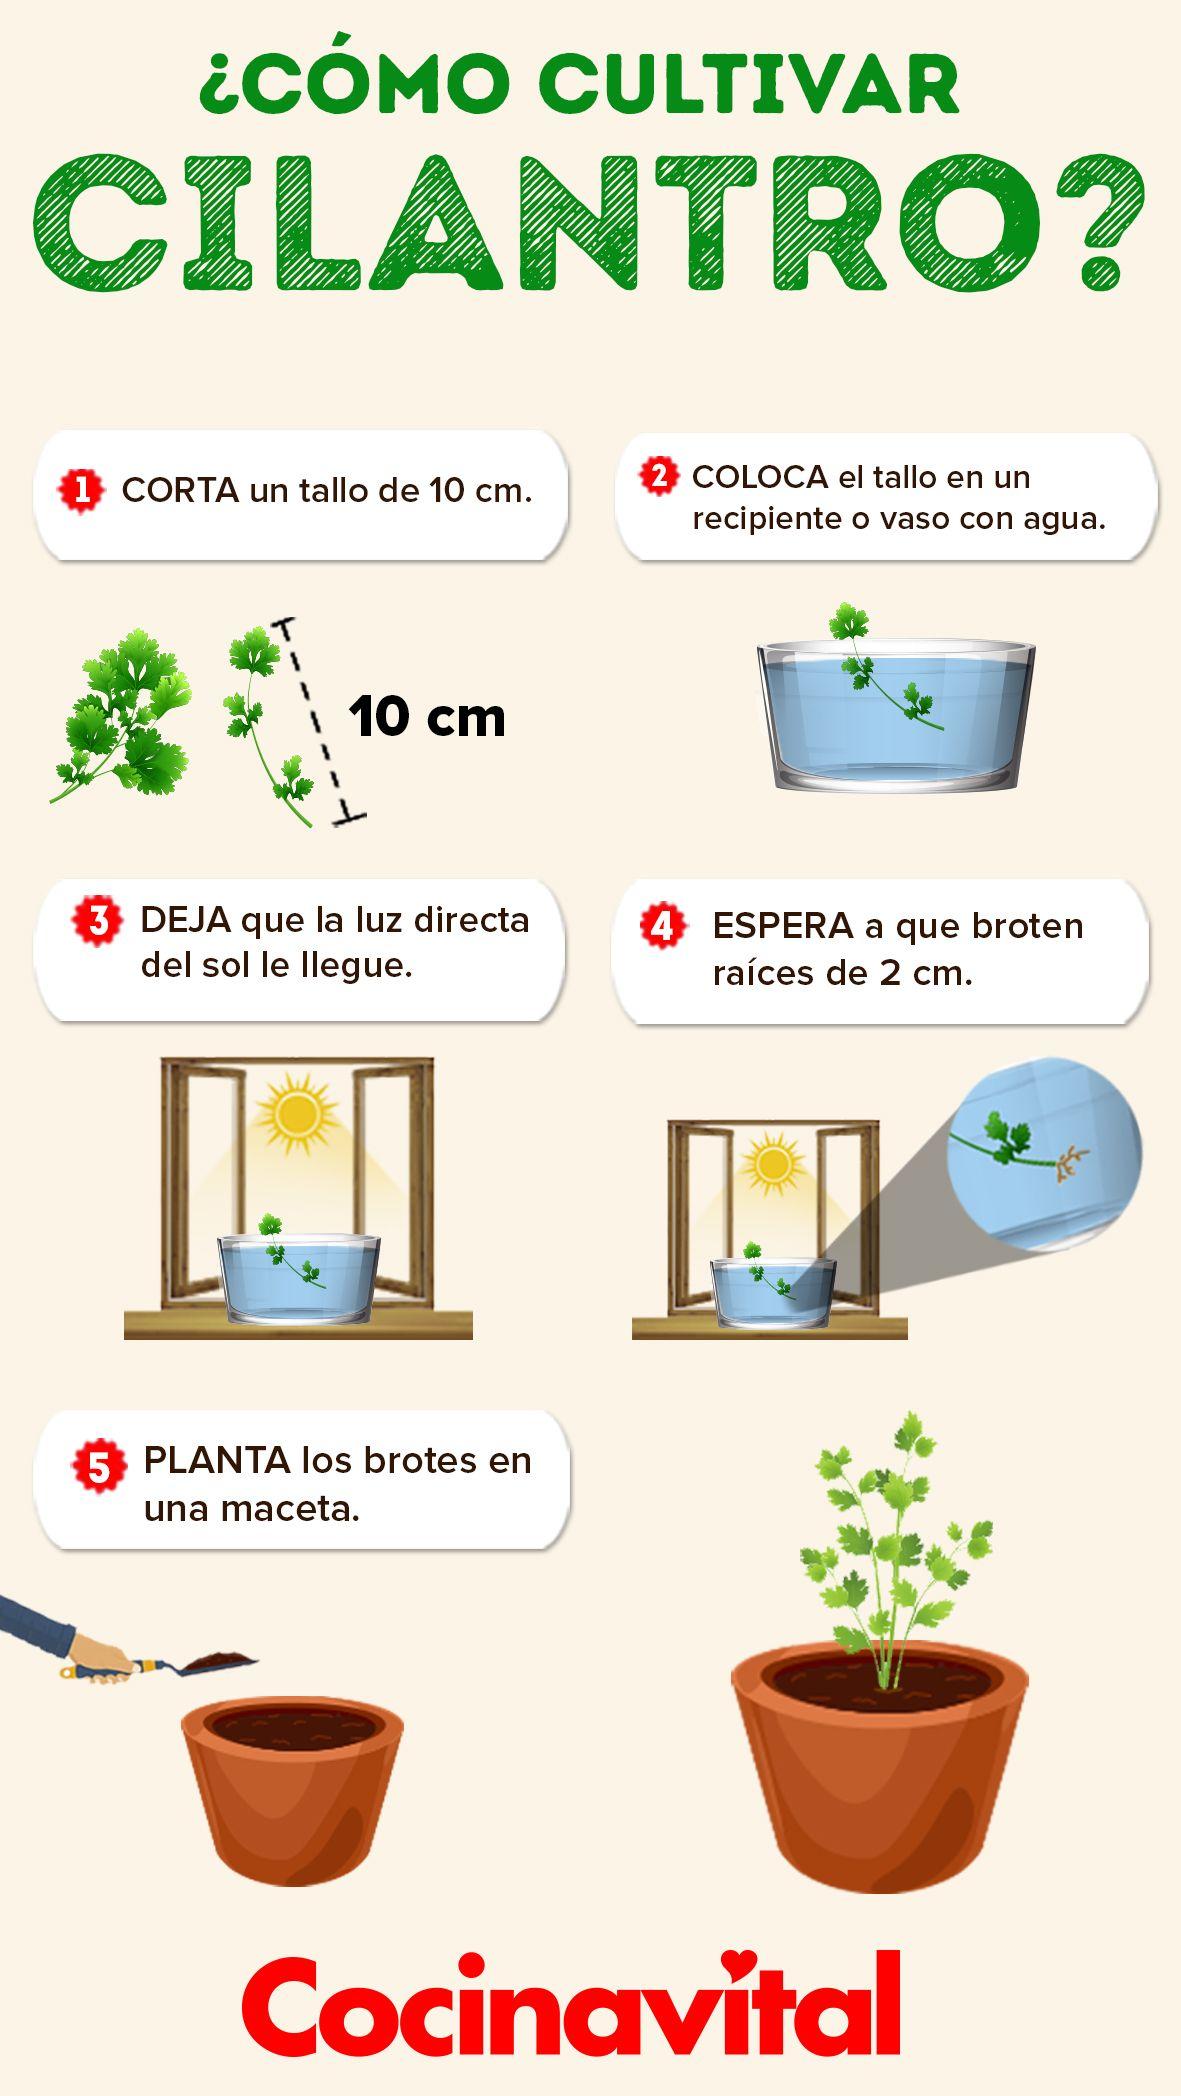 Cómo Cultivar Cilantro En Macetas Con O Sin Semillas Cocina Vital Qué Cocinar Hoy Plantas Para Cocina Cultivo De Plantas Jardín De Vegetales